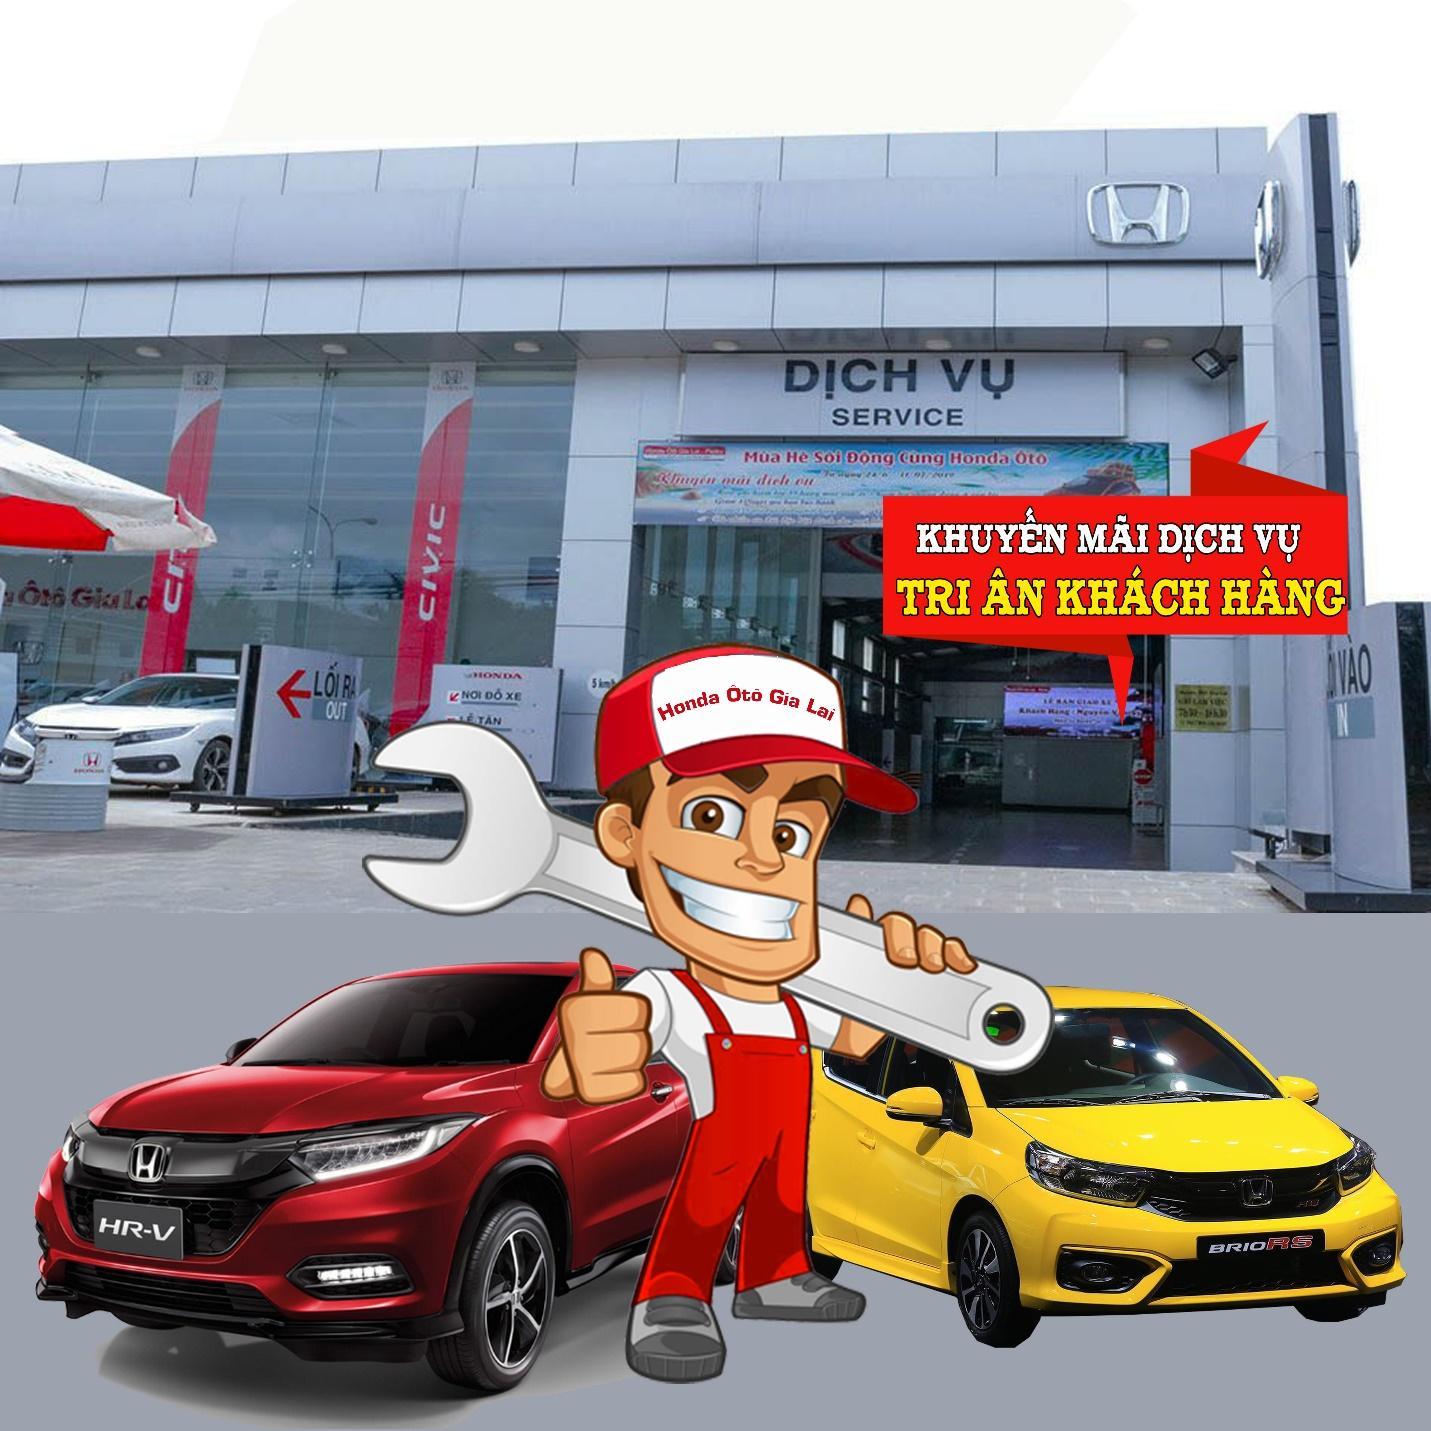 Dịch vụ Honda Ôtô Gia Lai – Pleiku tri ân khách hàng cuối năm  - Ảnh 1